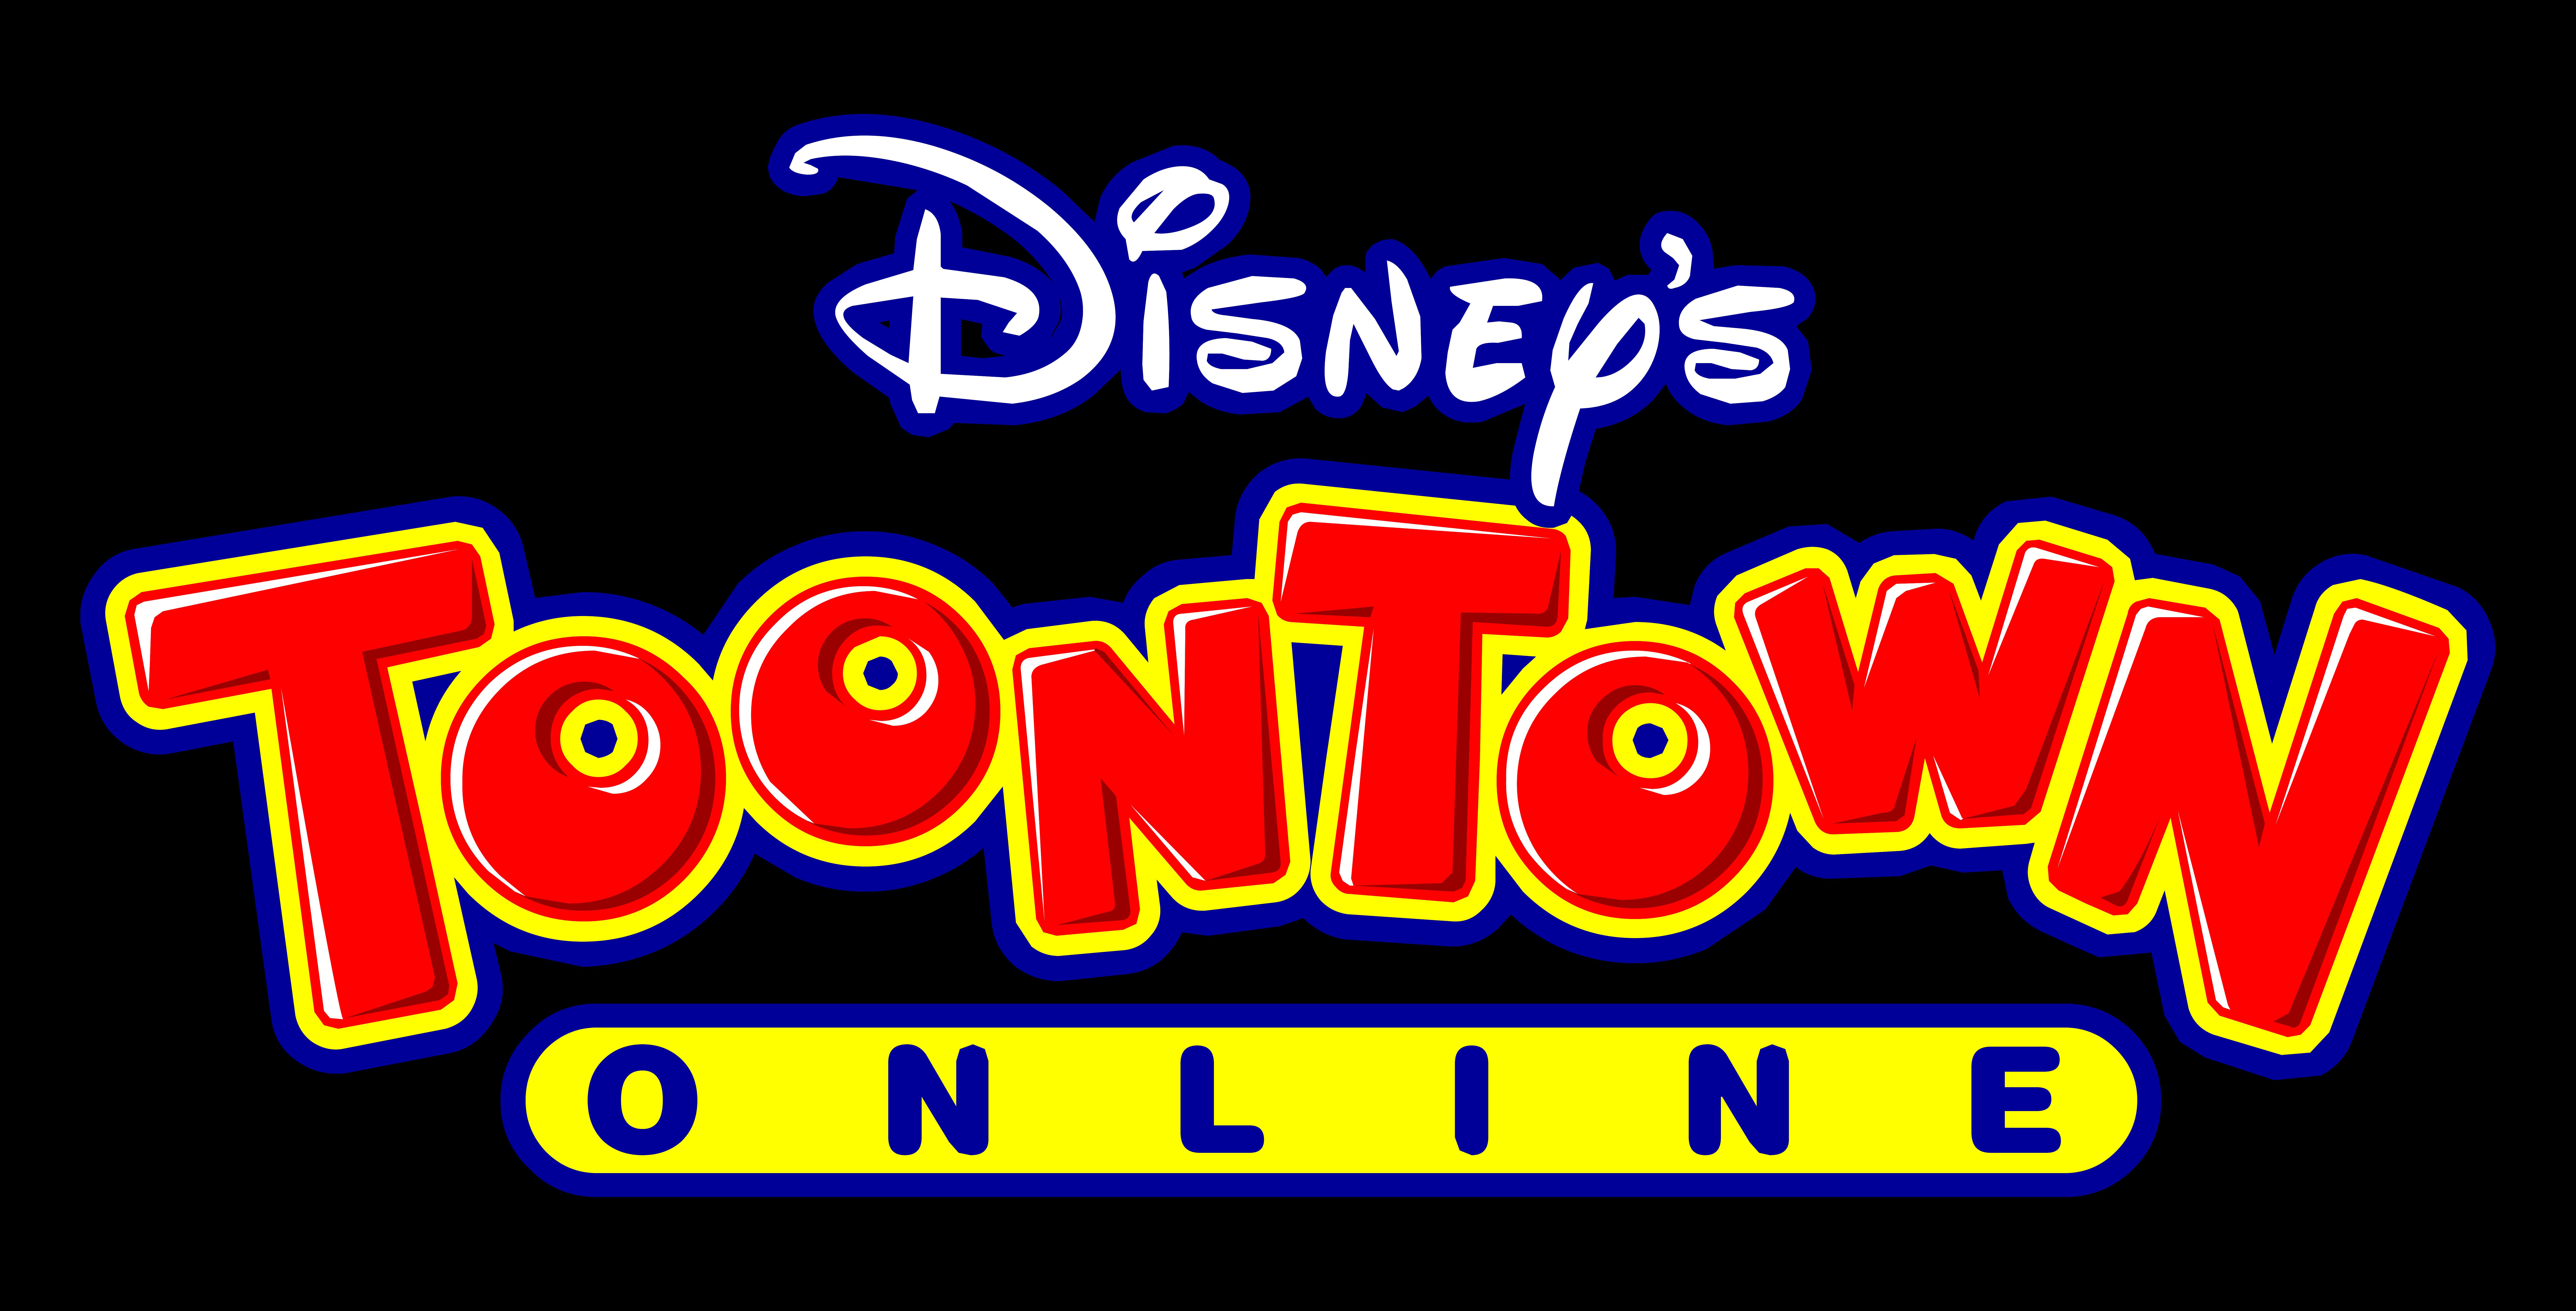 Toontown Online